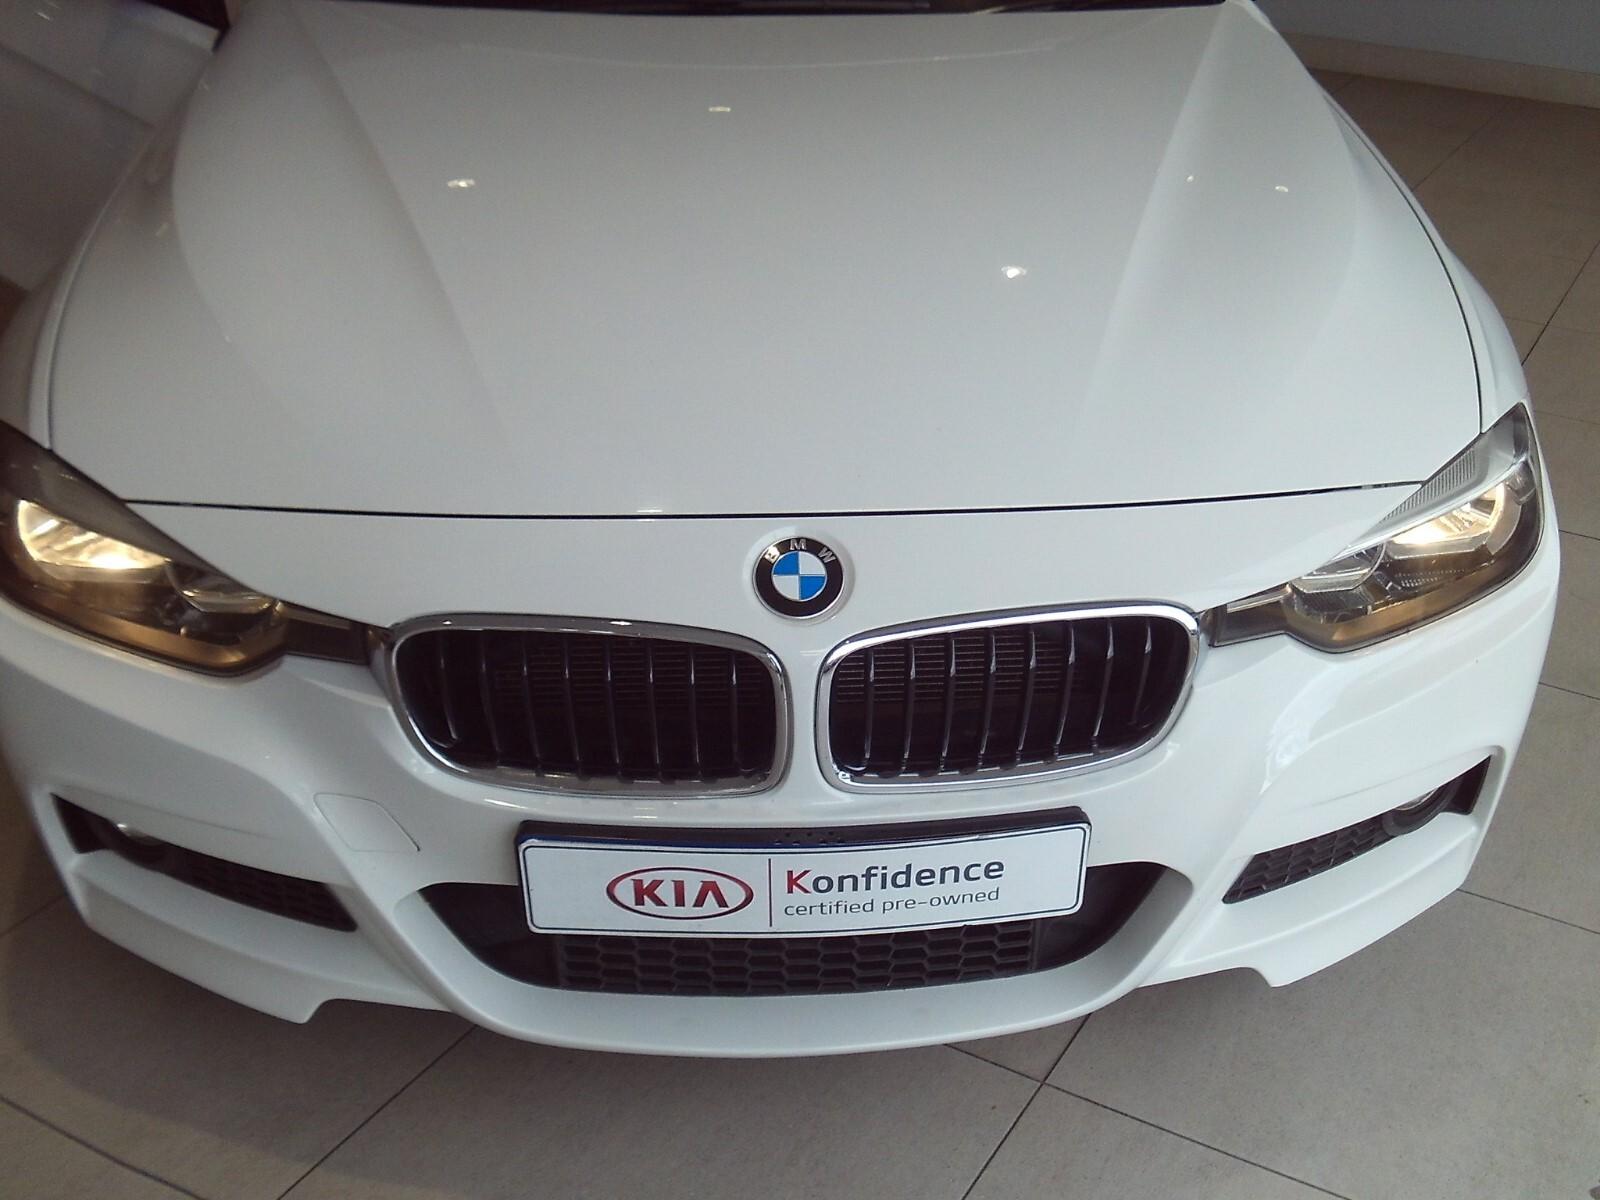 BMW 318i M SPORT A/T (F30) Roodepoort 6335162